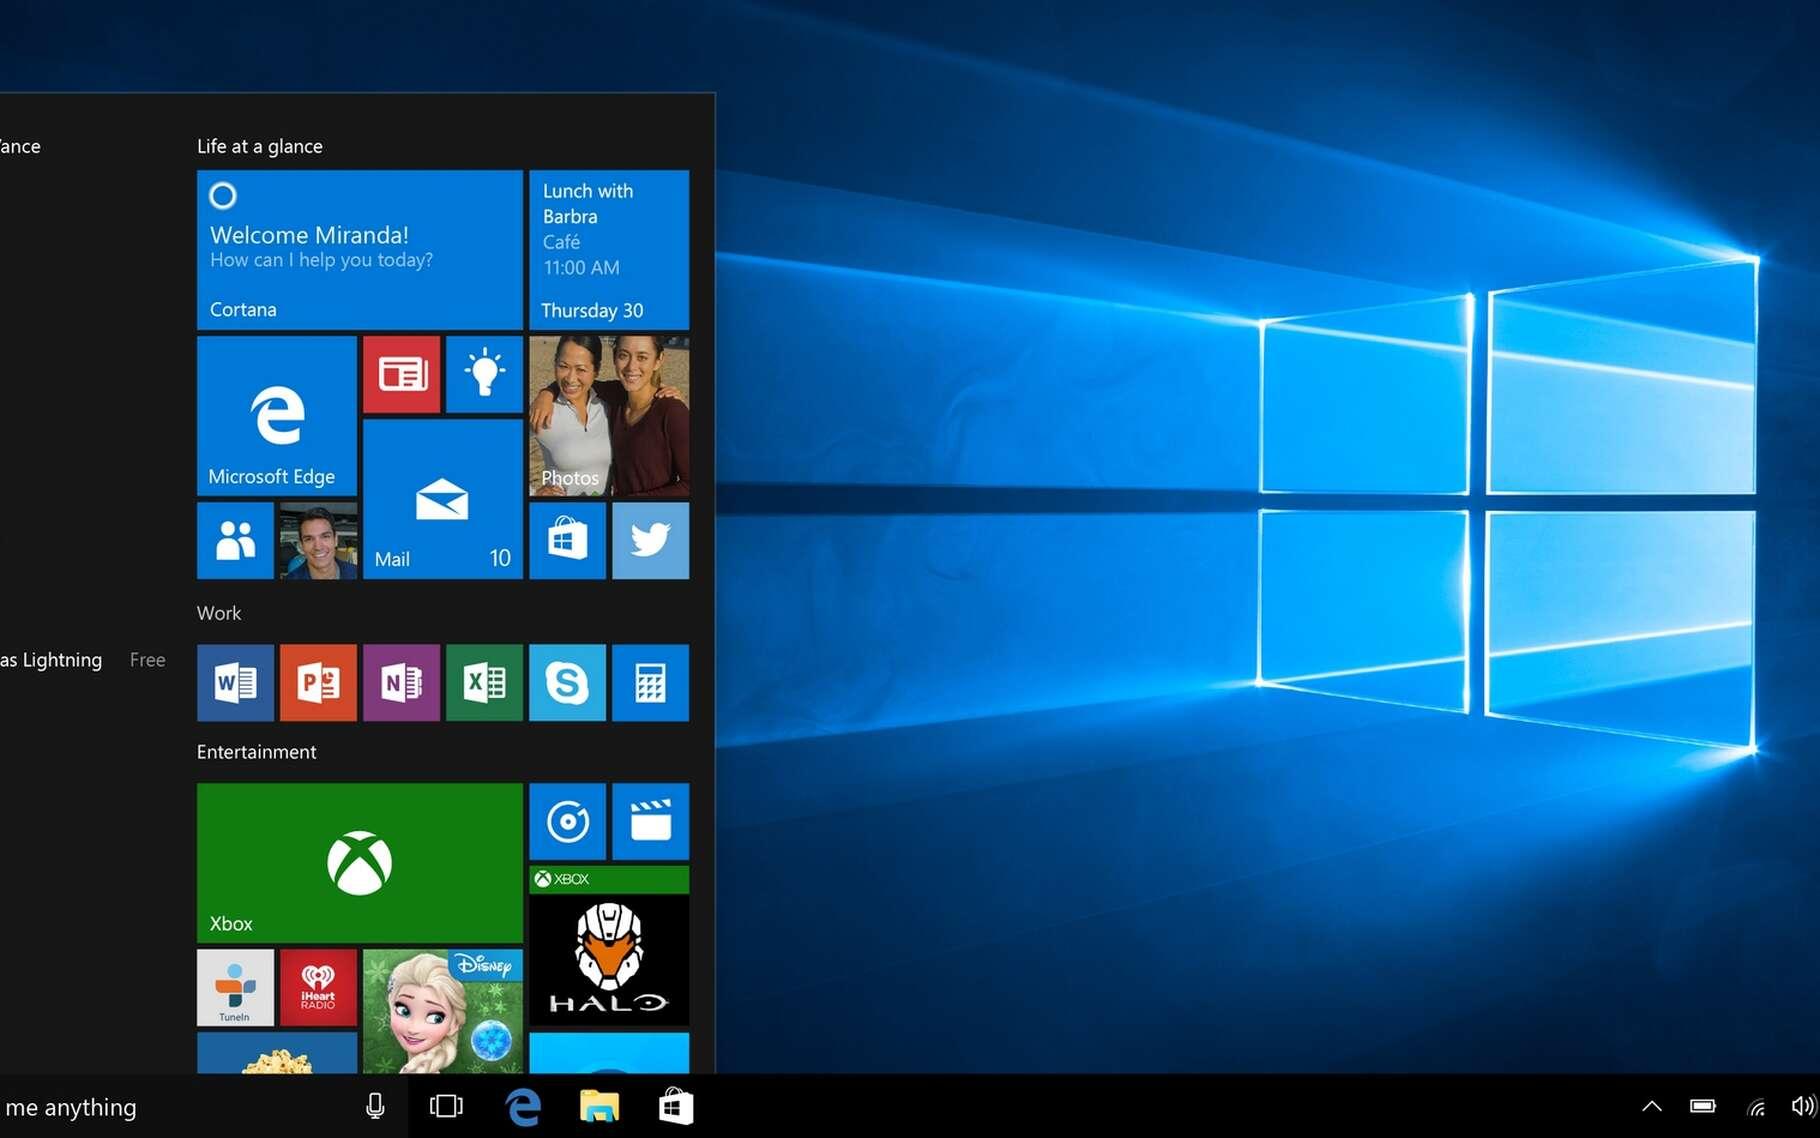 Ce n'est pas la première fois que Microsoft intègre de la publicité dans Windows 10. Cela se fait déjà dans le menu Démarrer ainsi que dans l'écran de verrouillage du système d'exploitation. © Microsoft